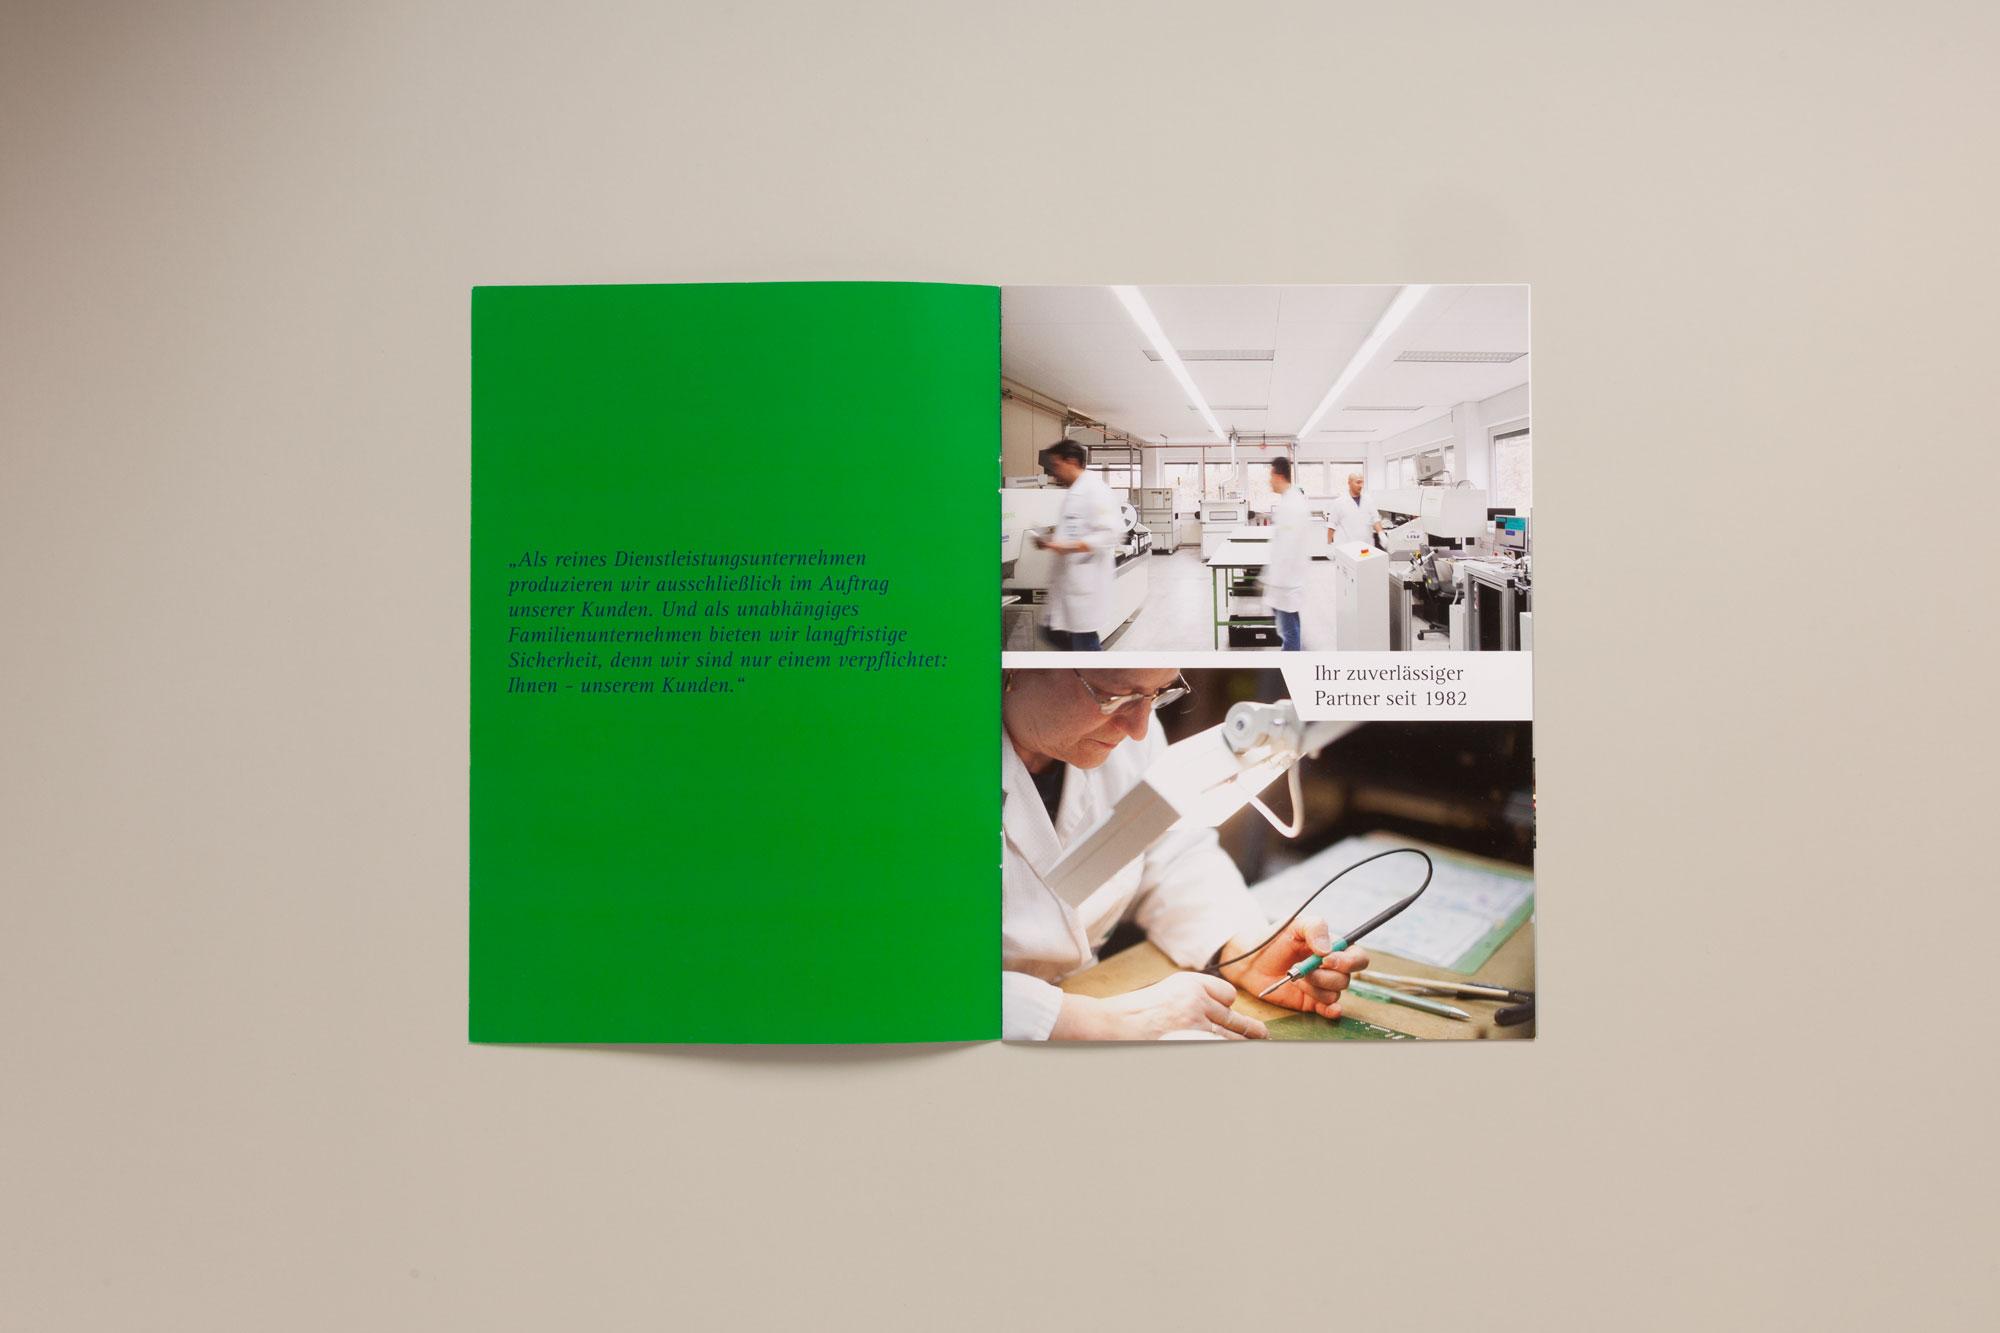 Fotokonzeption und Broschürenentwicklung für Rinklin Elektronik aus Neuffen